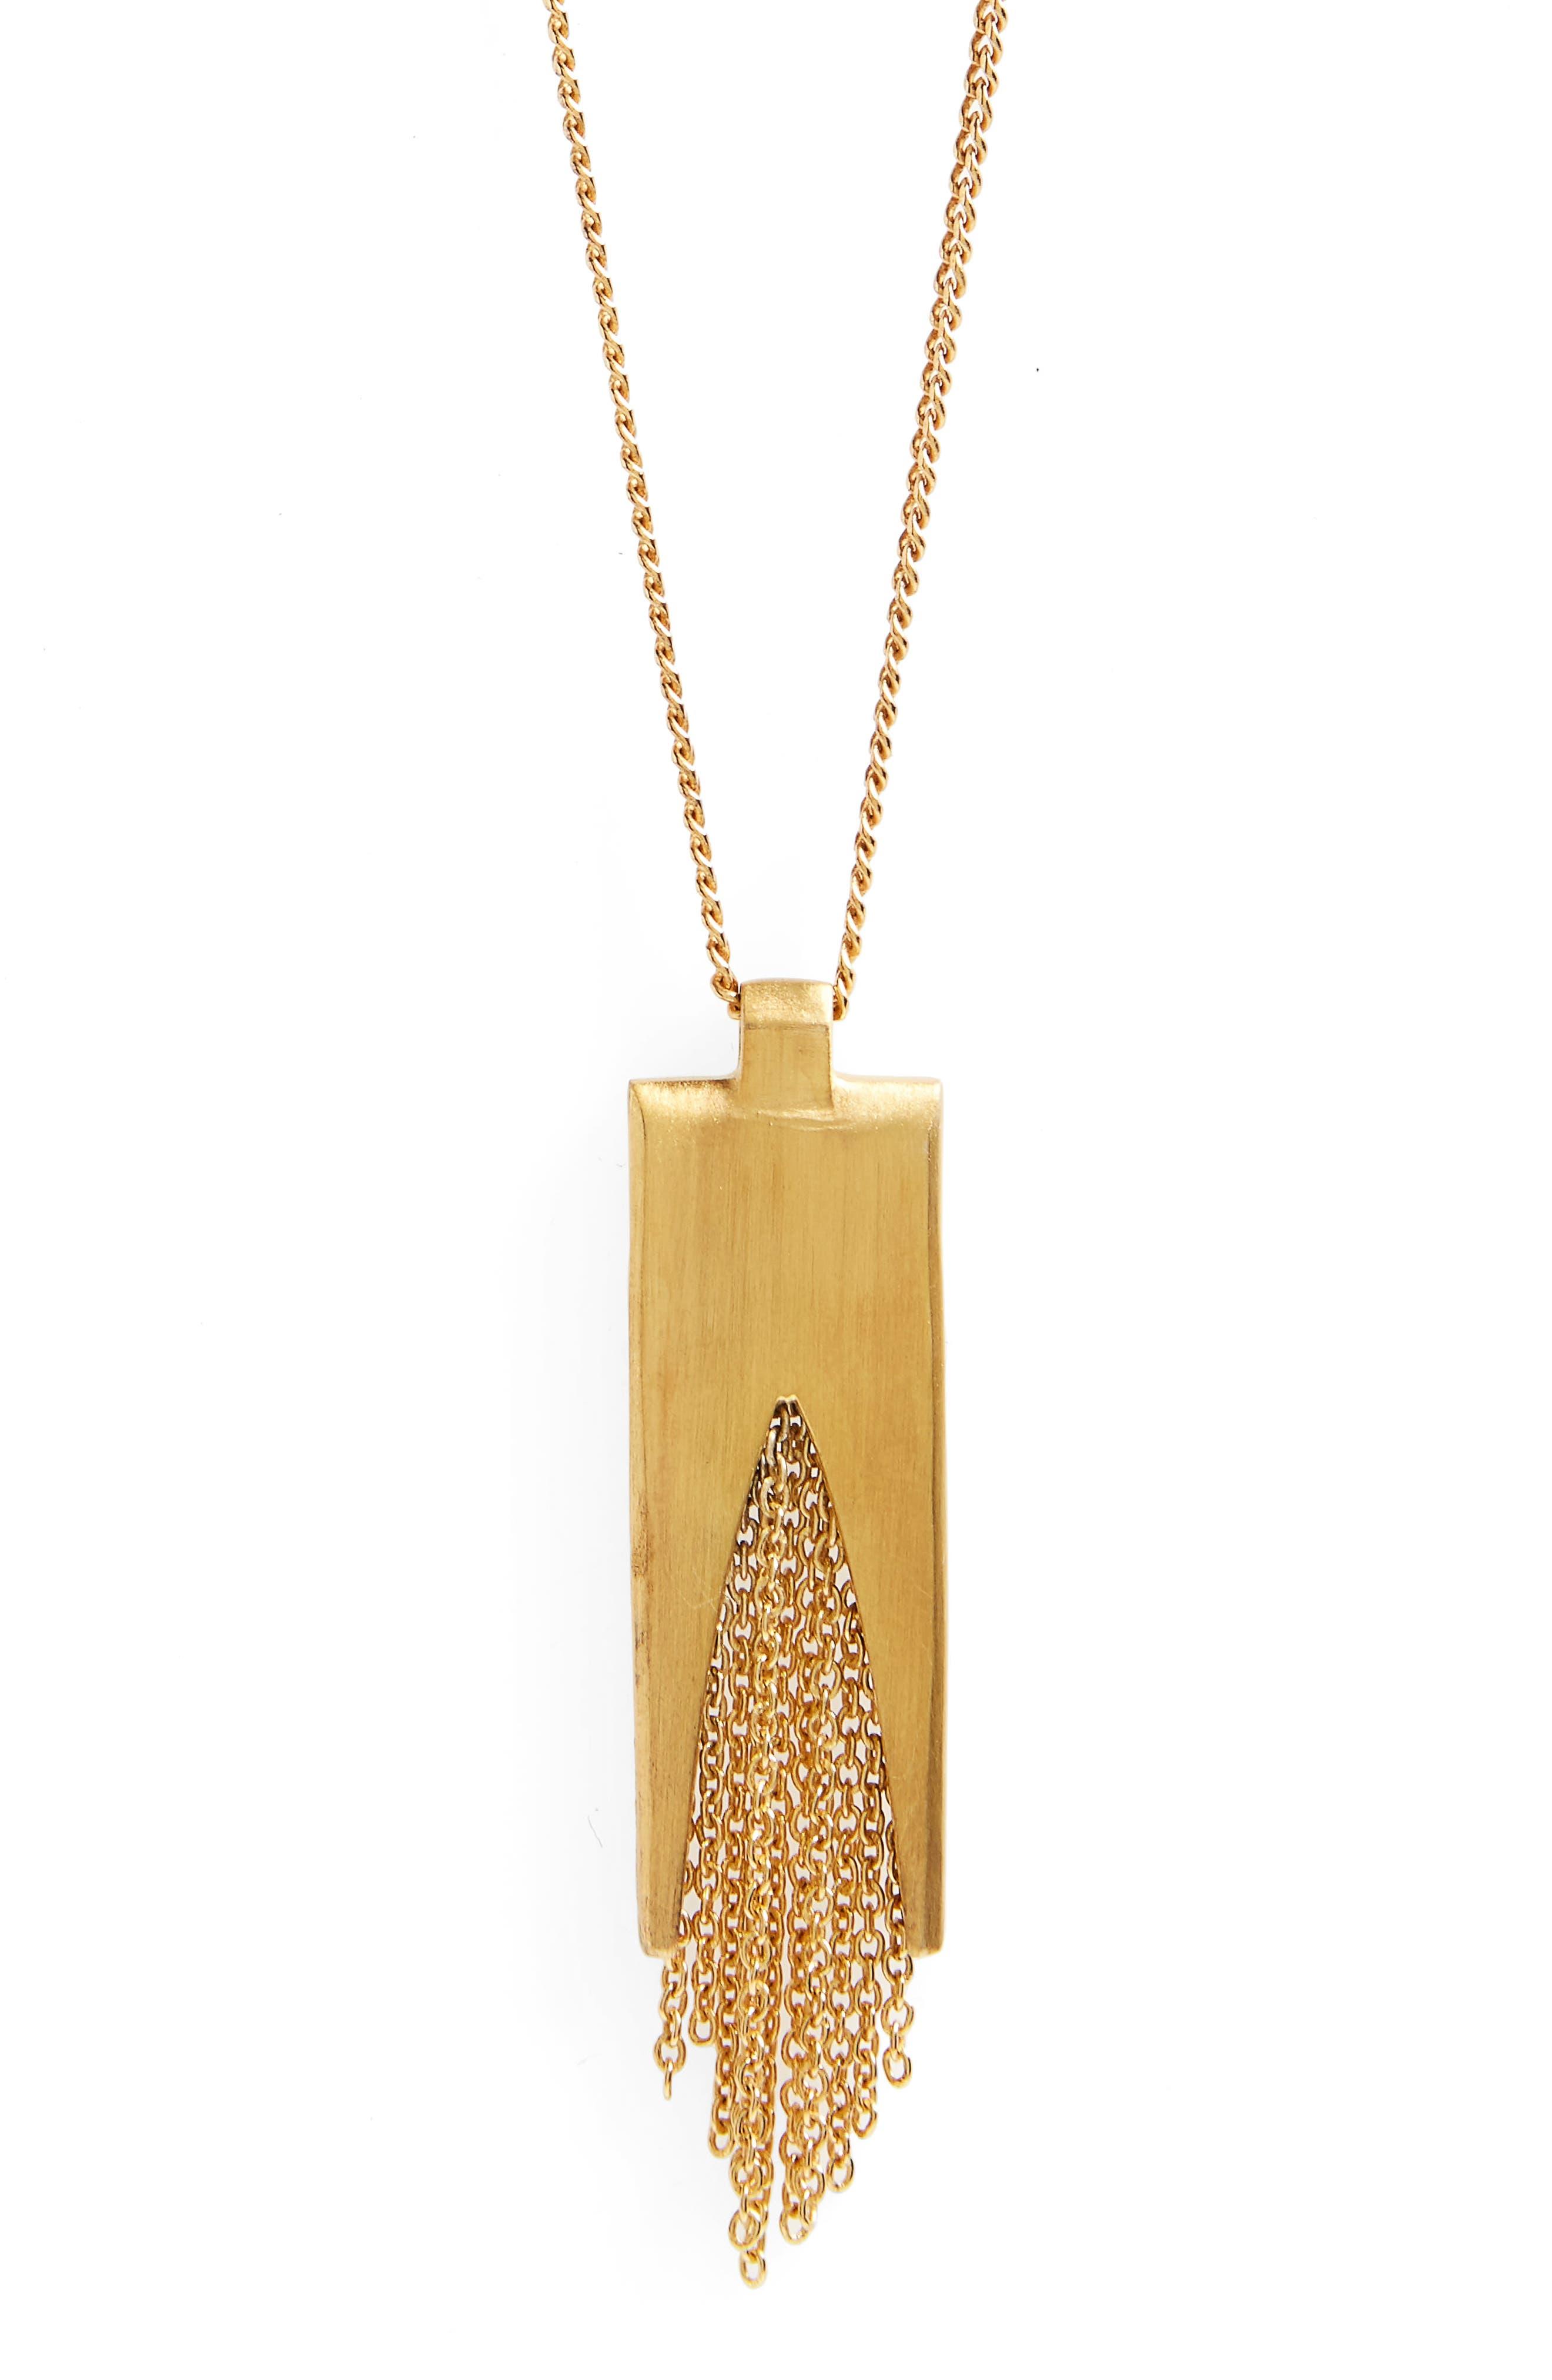 Main Image - Dean Davidson Cloak Chain Pendant Necklace